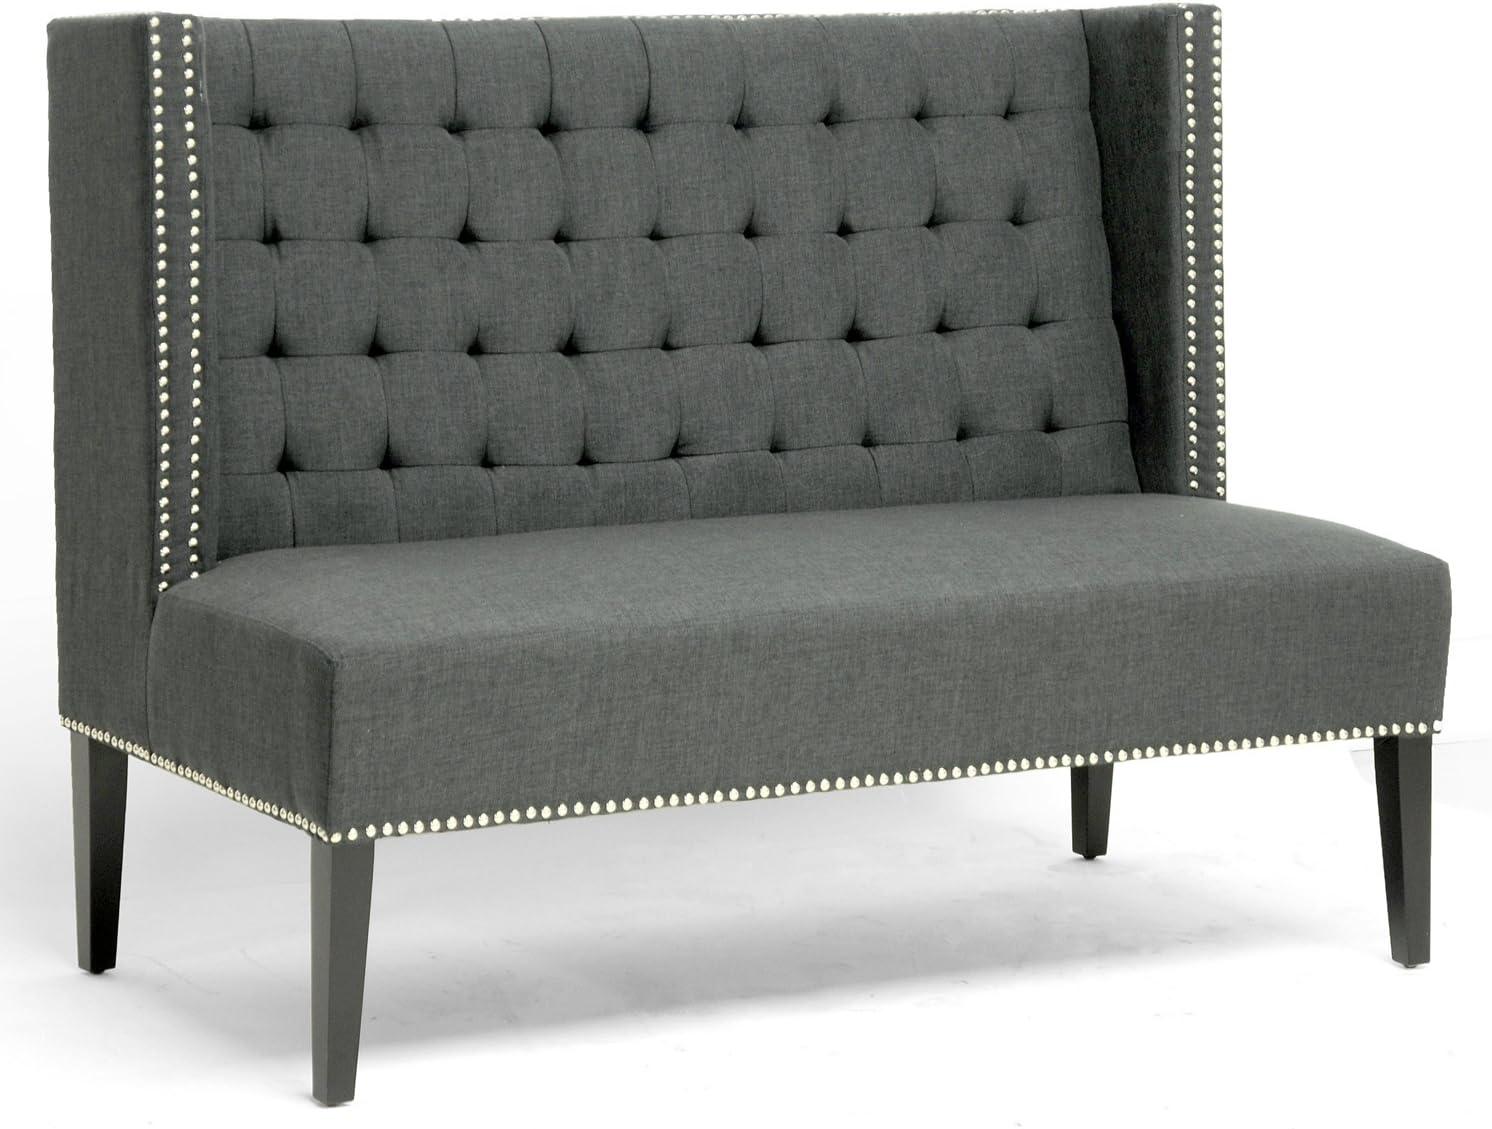 Baxton Studio Owstynn Gray Linen Modern Banquette Bench